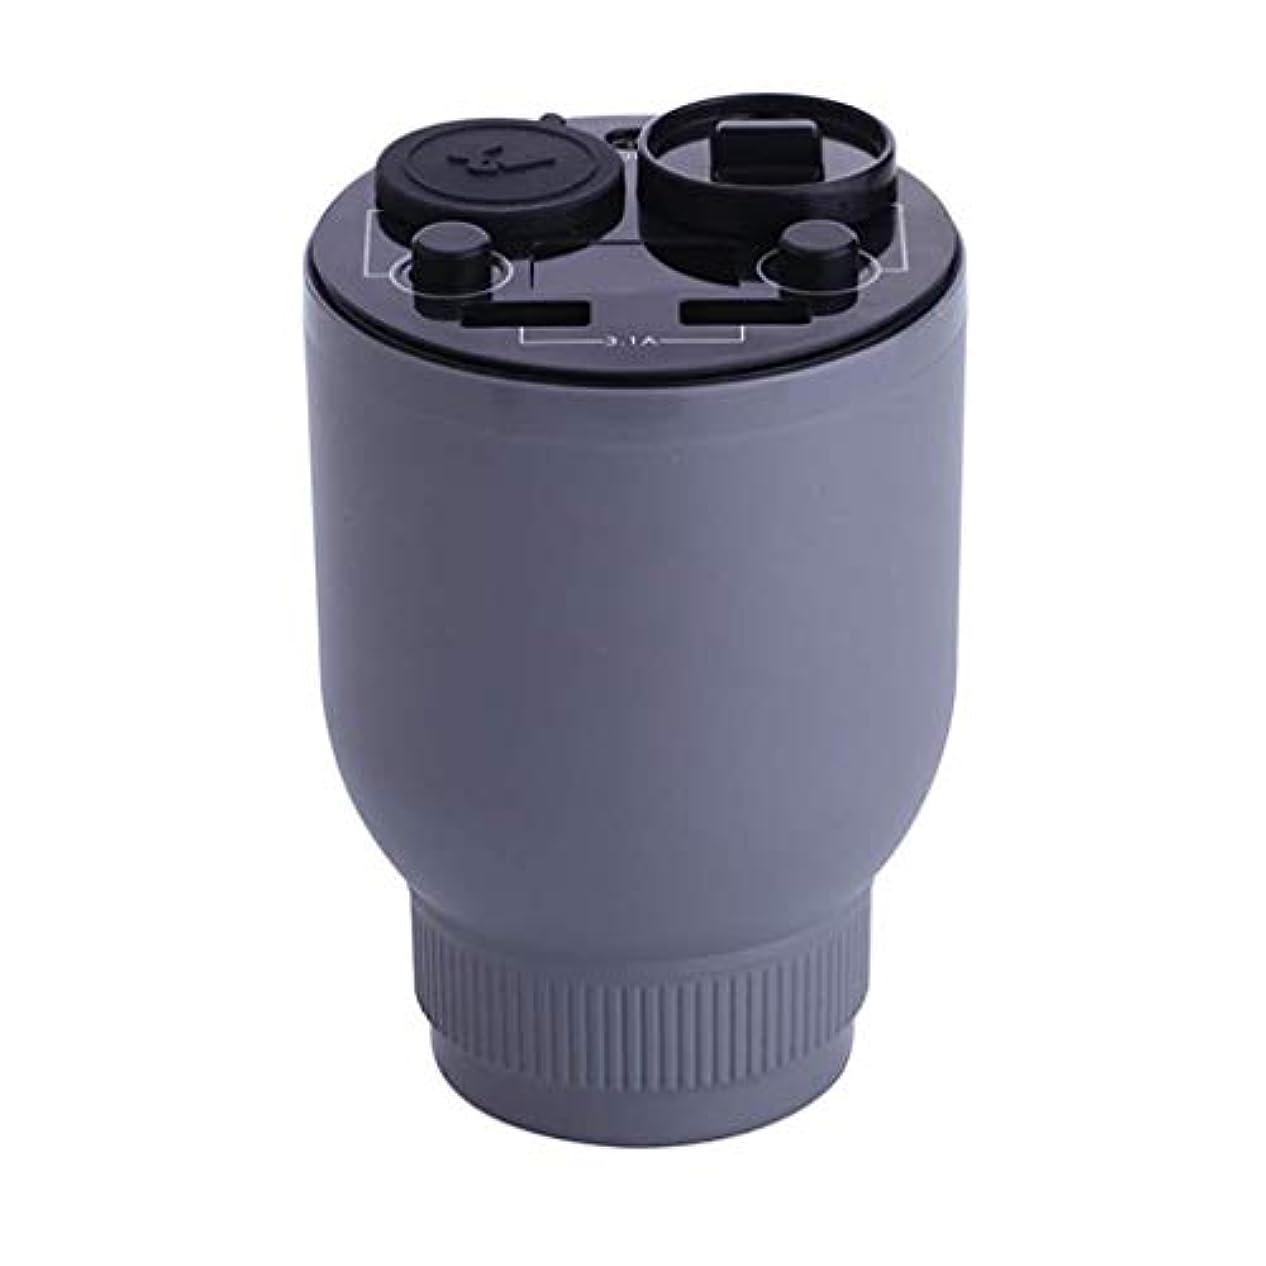 トロリー性別キャンディー電気アロマディフューザー、超音波加湿器、携帯用空気浄化アロマテラピーマシン、車のファッションデザイン用車アロマセラピーカップ付きタバコ (Color : Gray)